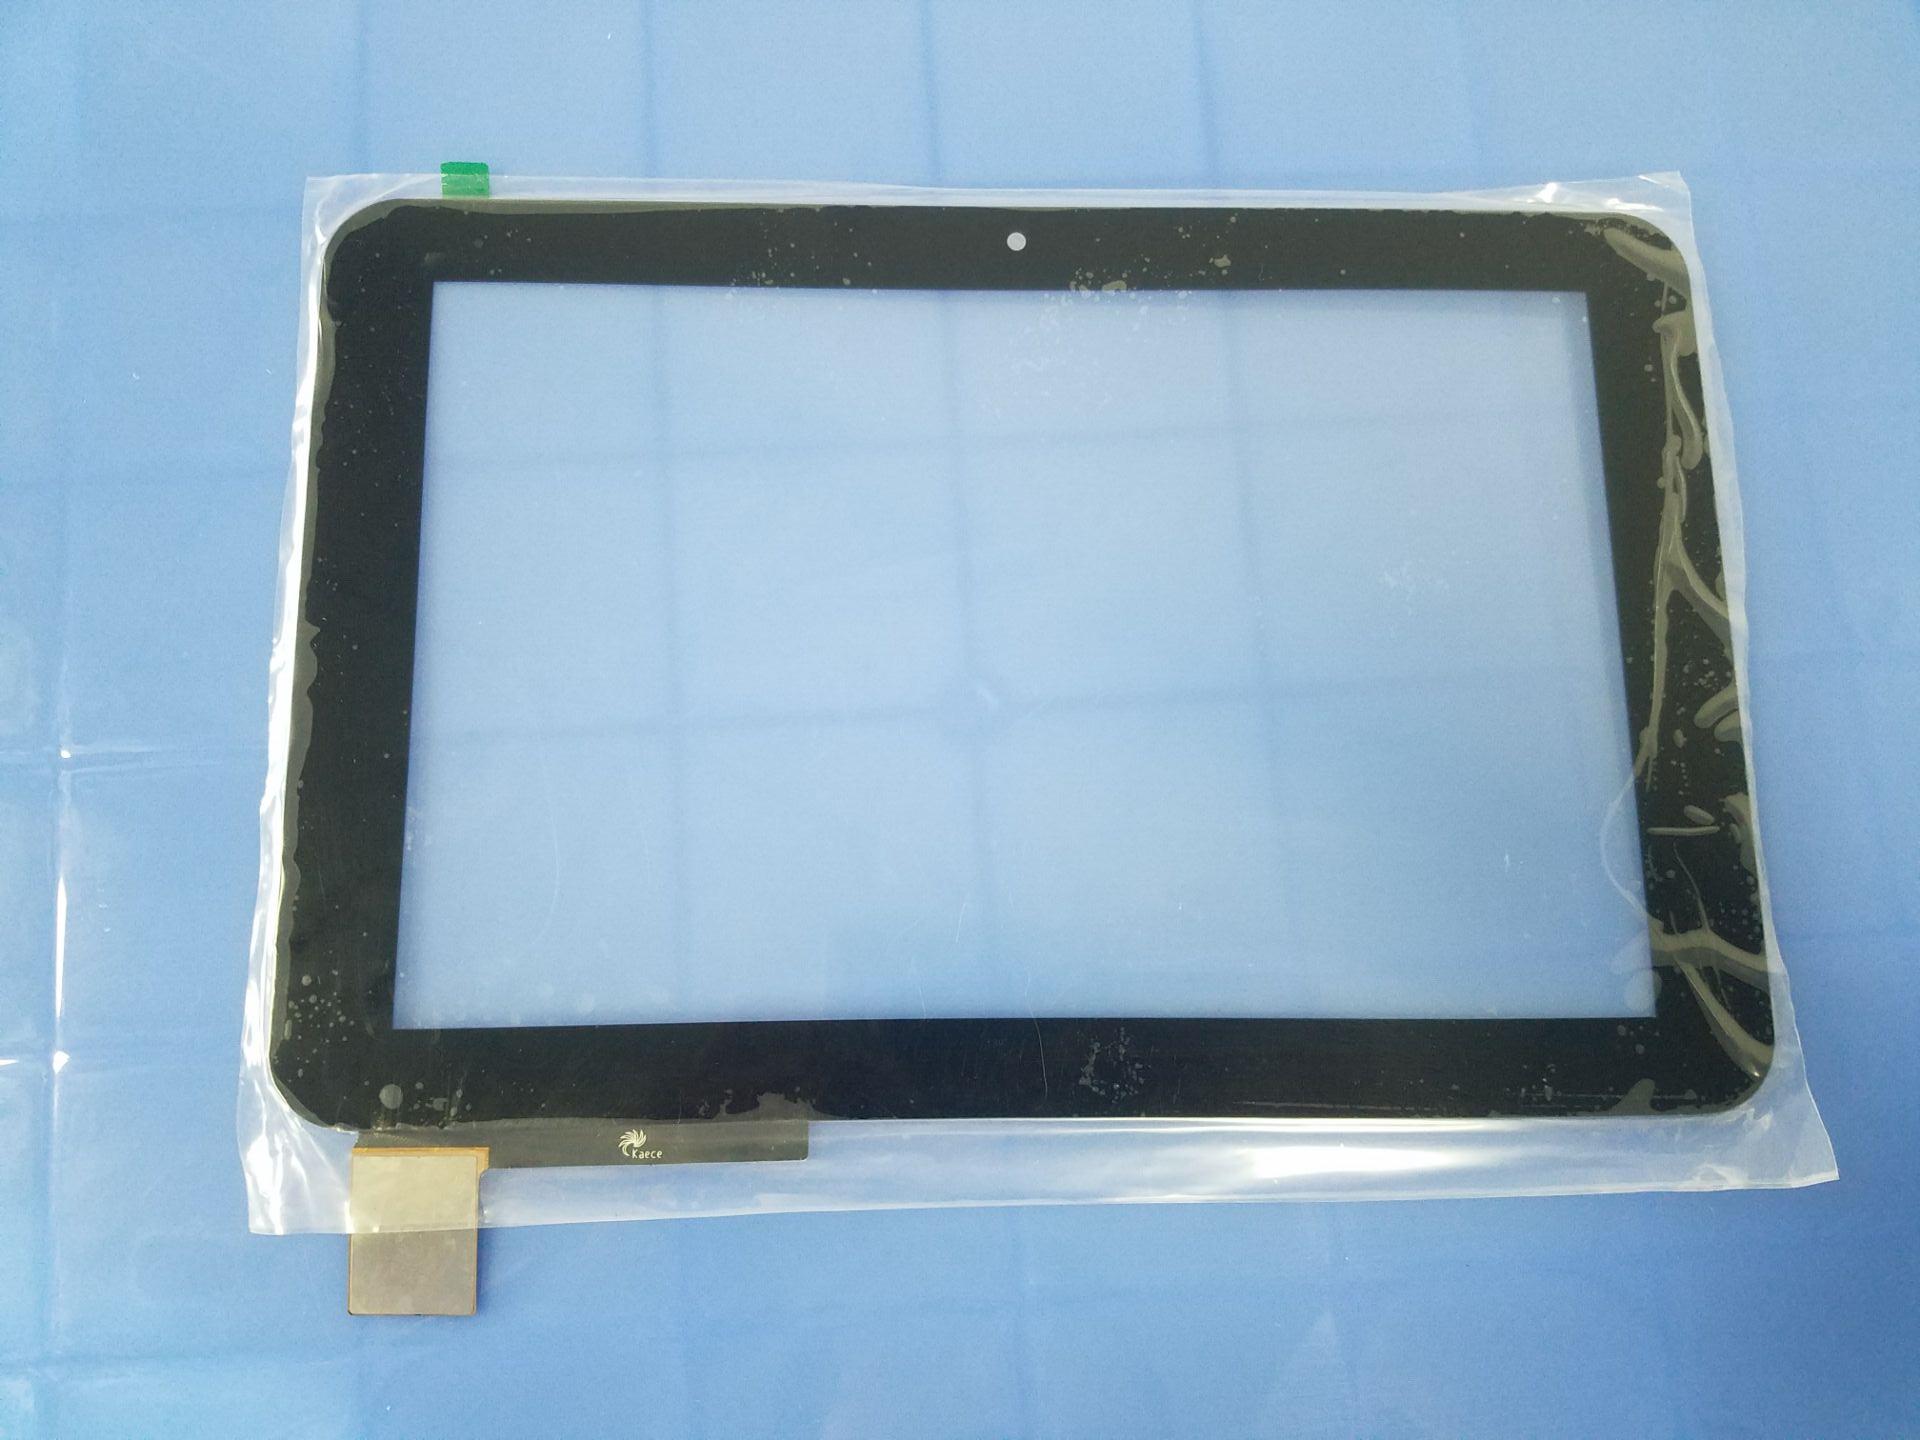 10.1inch touch screen panel digitizer glass sensor FOR Carrefour CT1020W CT1010W y Engel TAB10 F0346 F0353 YF tablet pc touch screen glass panel gsl 05tsl0m w